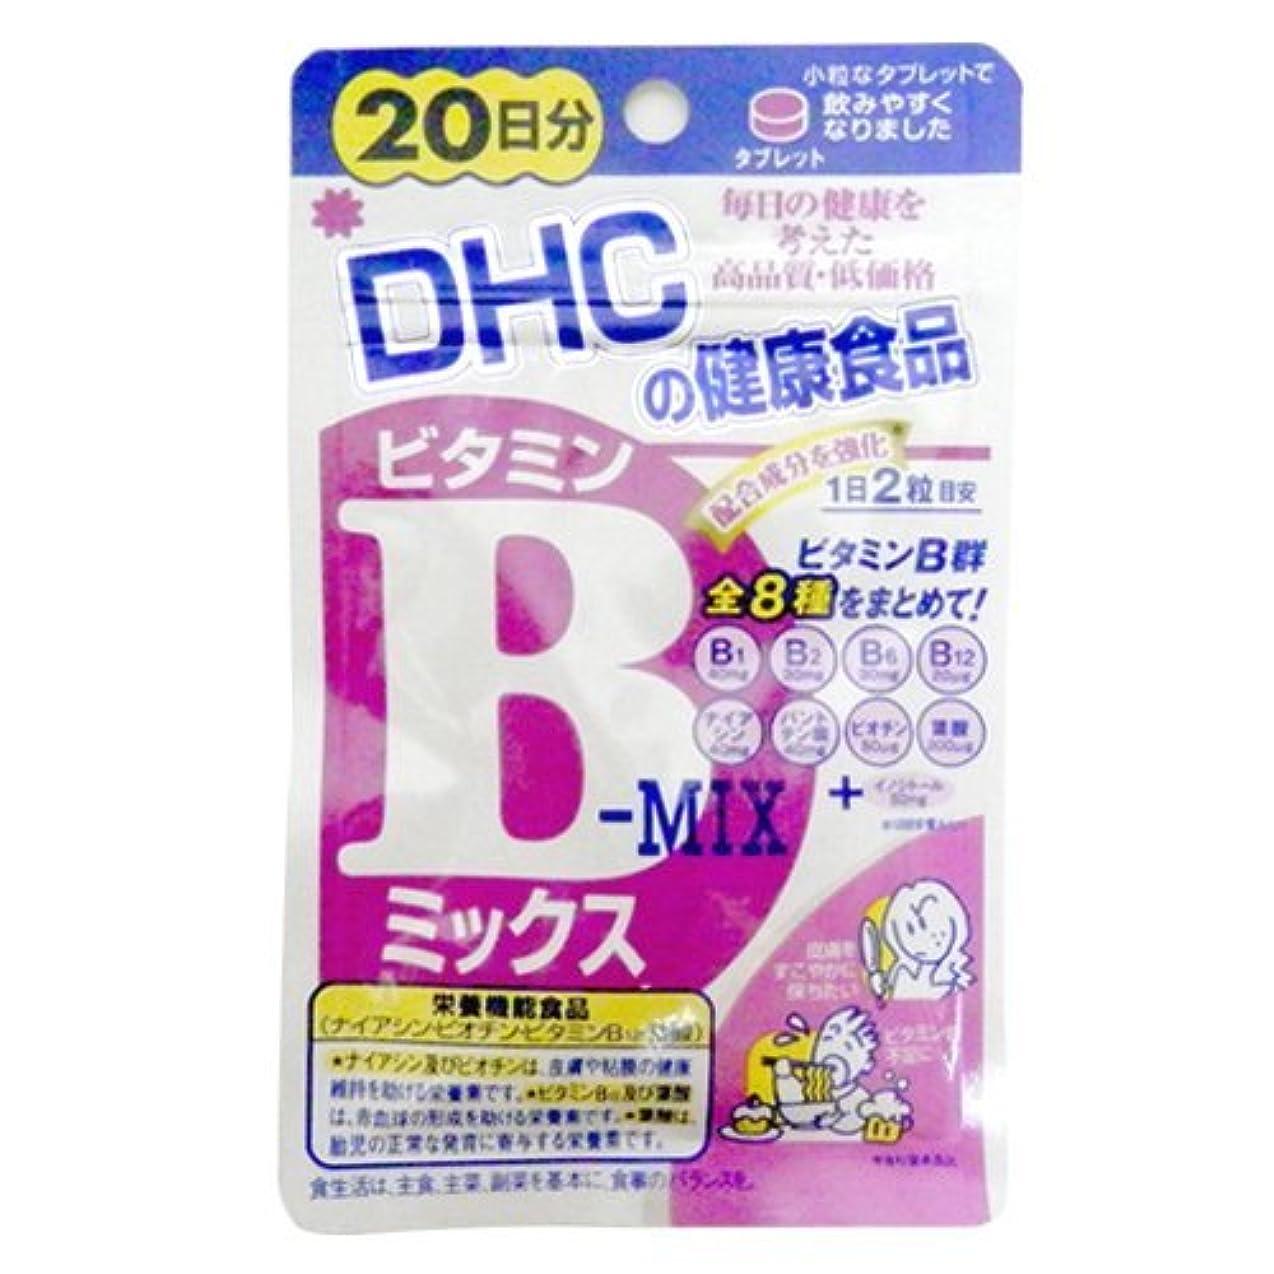 テキスト特徴優れたDHC ビタミンBミックス 20日分 40粒